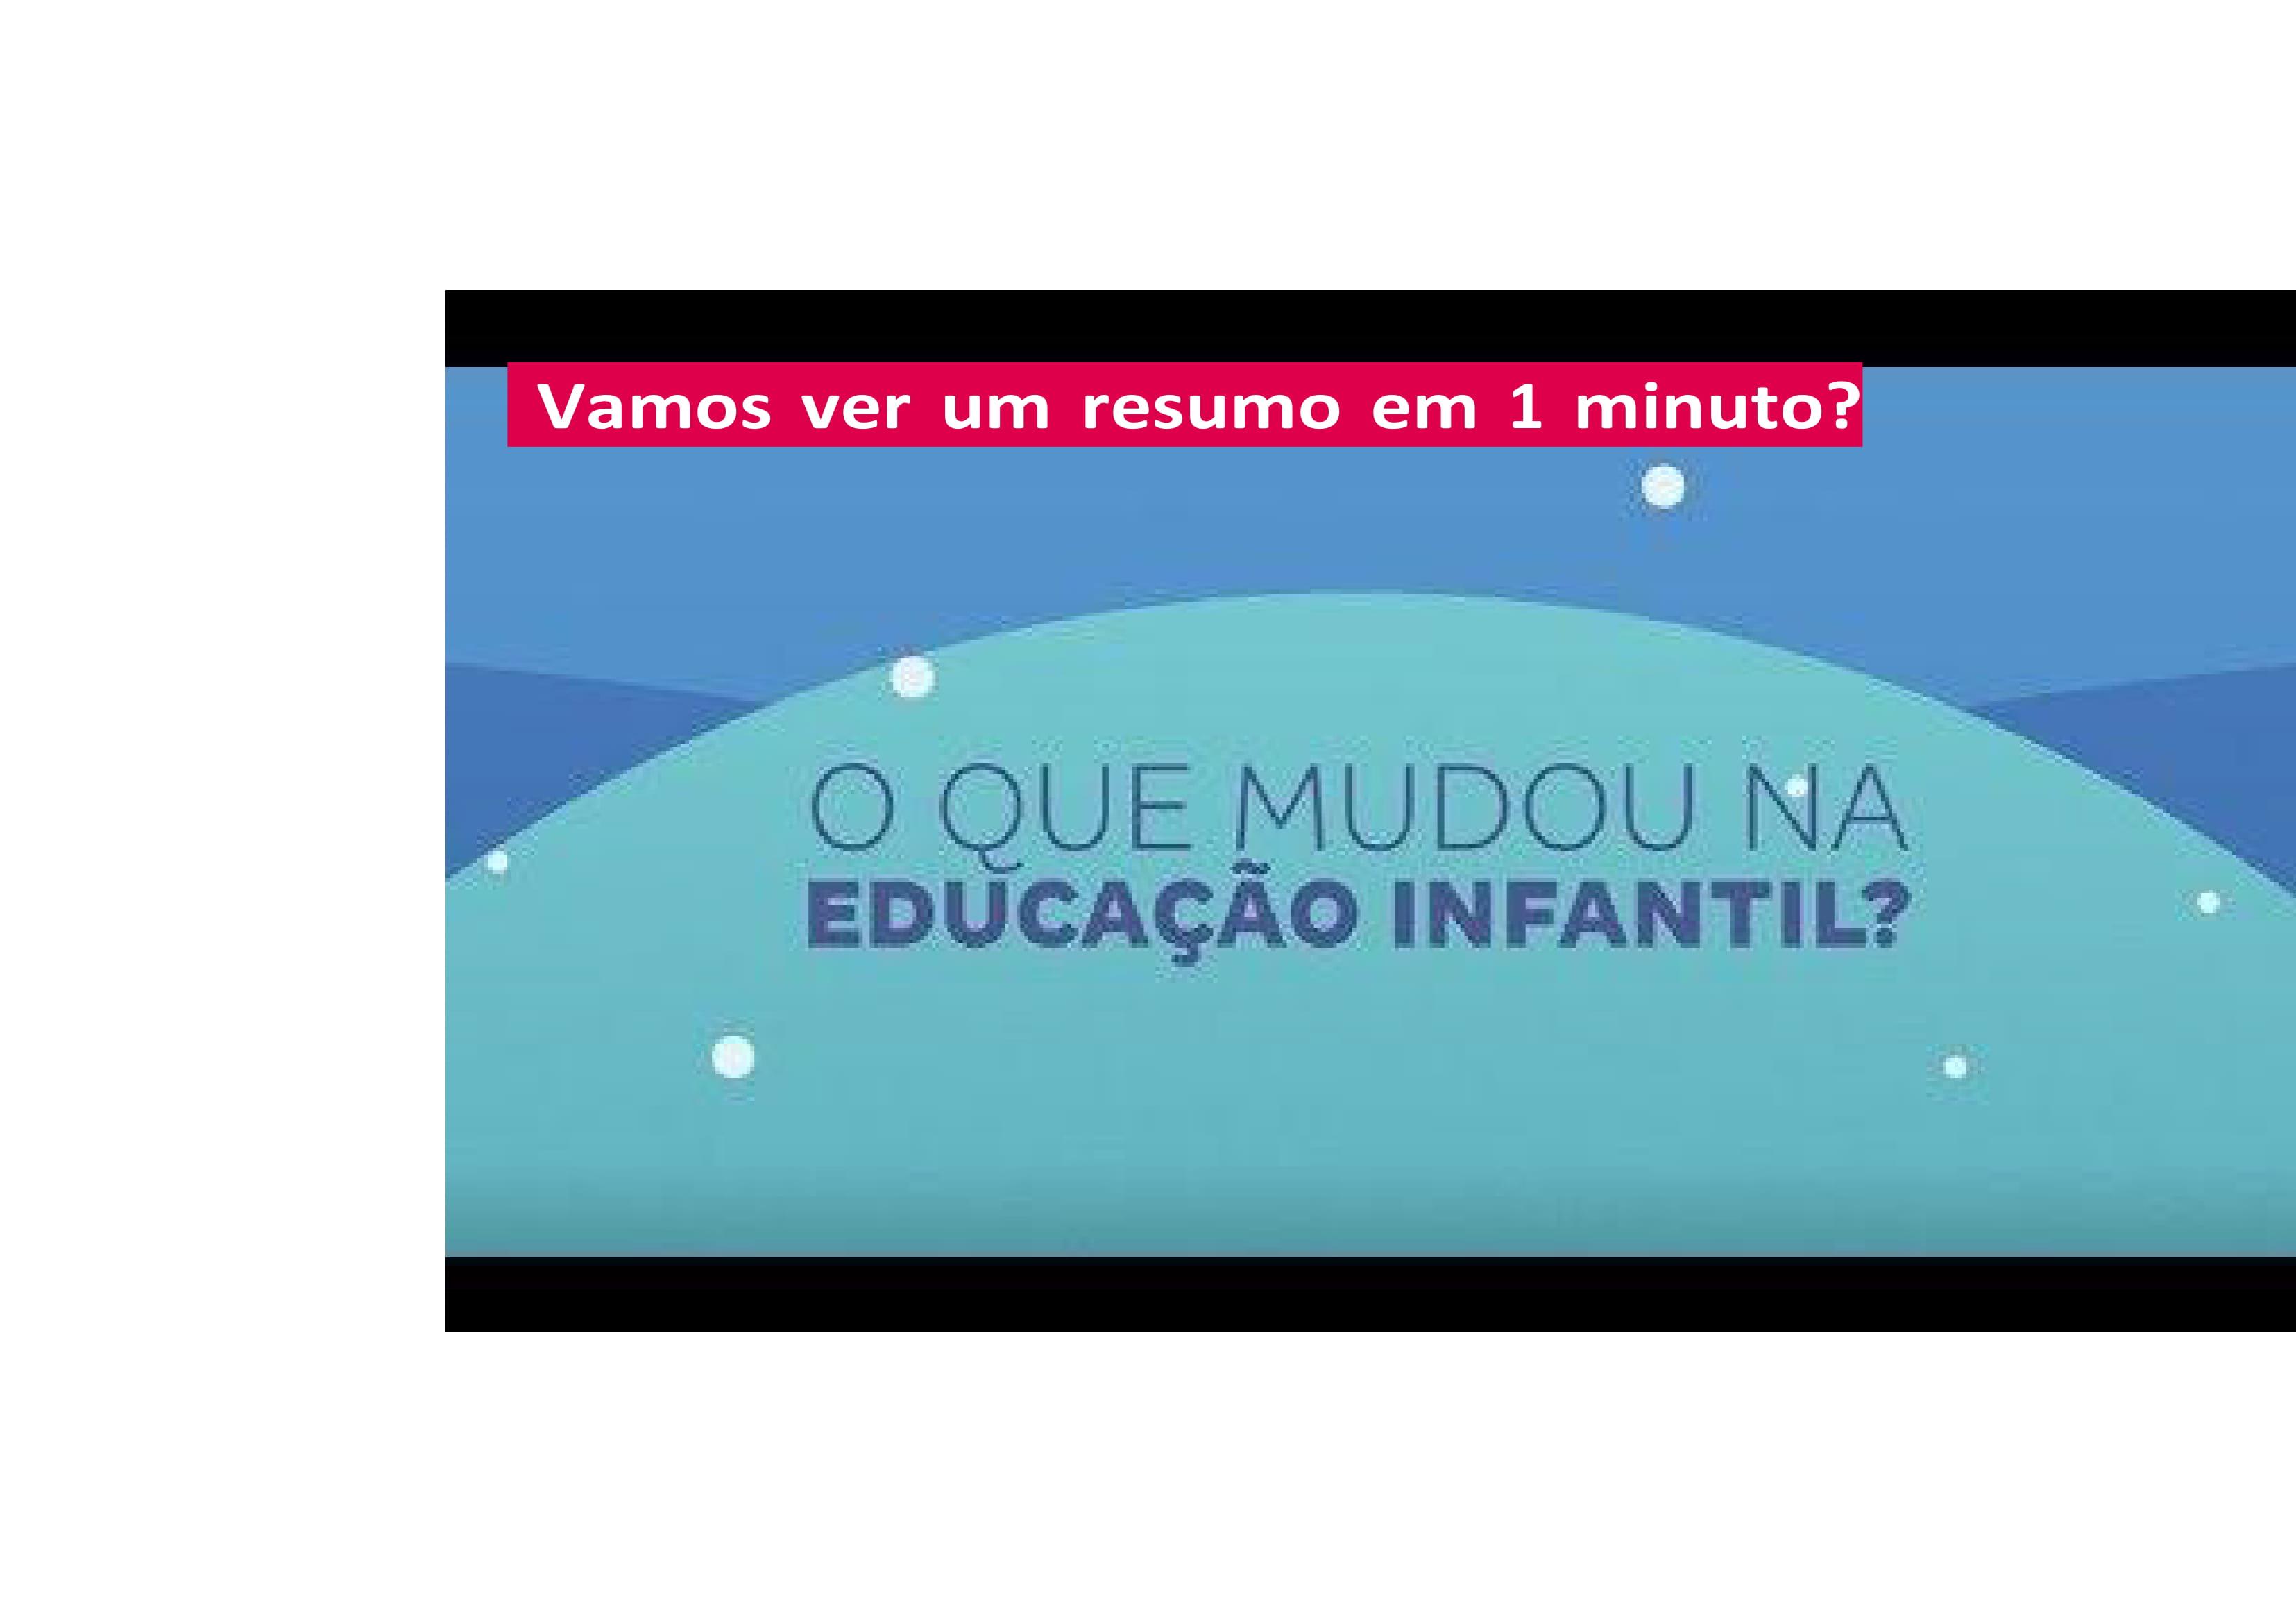 planejamento-educação-infantil-bncc-geral-199